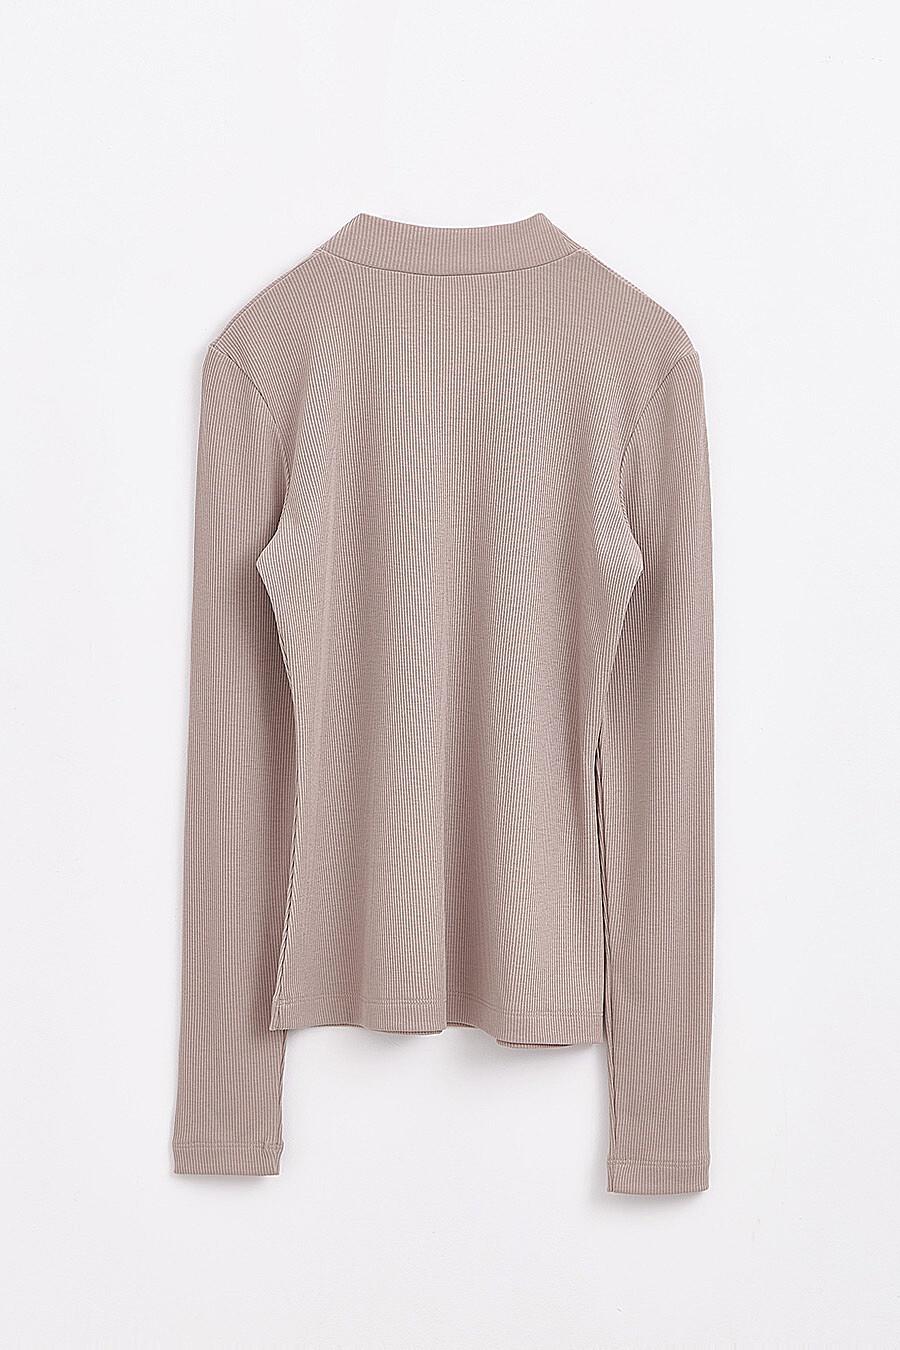 Джемпер CONTE ELEGANT (700196), купить в Moyo.moda